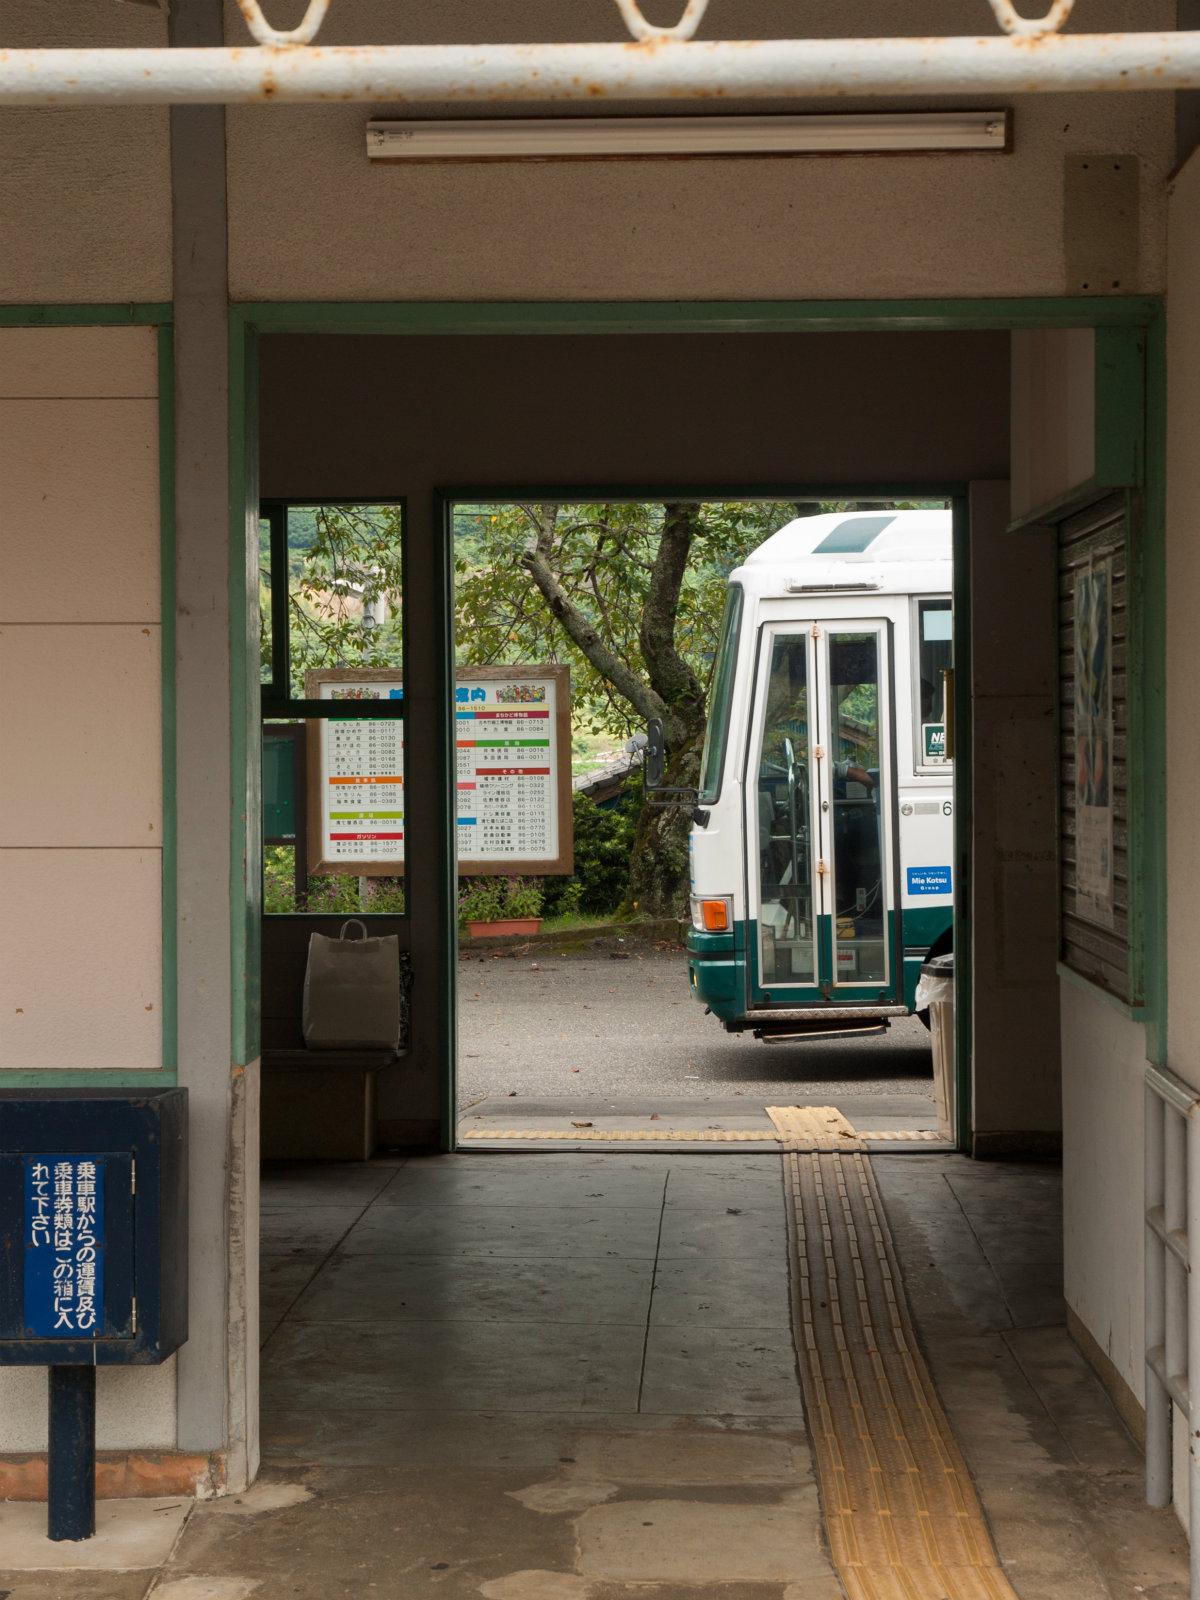 新鹿駅前に停まる熊野市自主運行バス